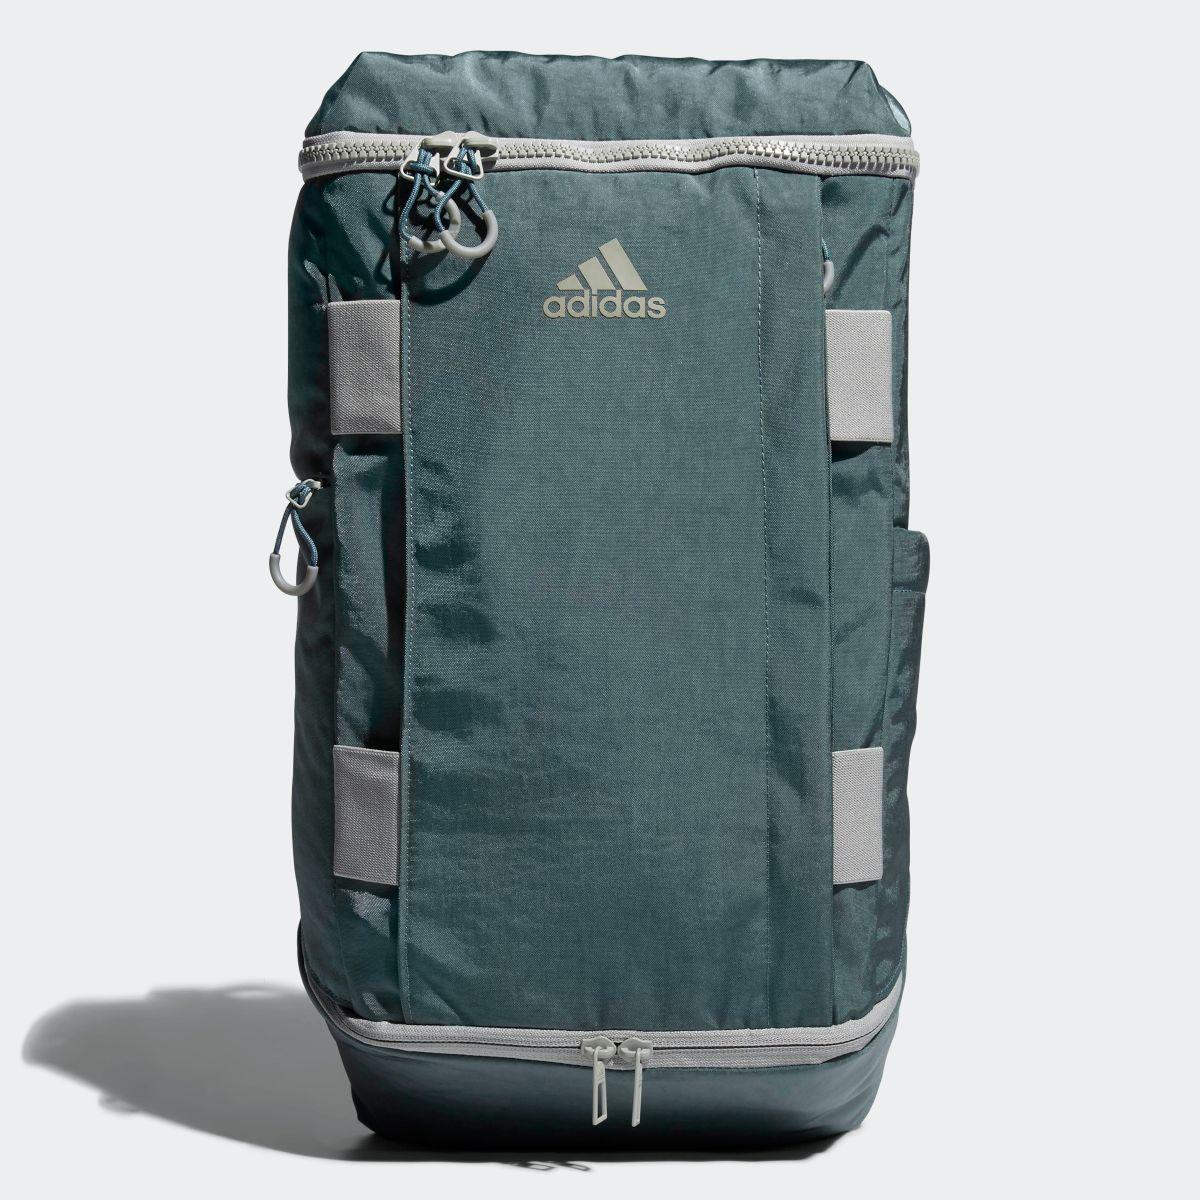 【公式】アディダス adidas OPSバックパック 26L レディース メンズ DM3271 ジム・トレーニング アクセサリー ナイロン プレーンウィーブ